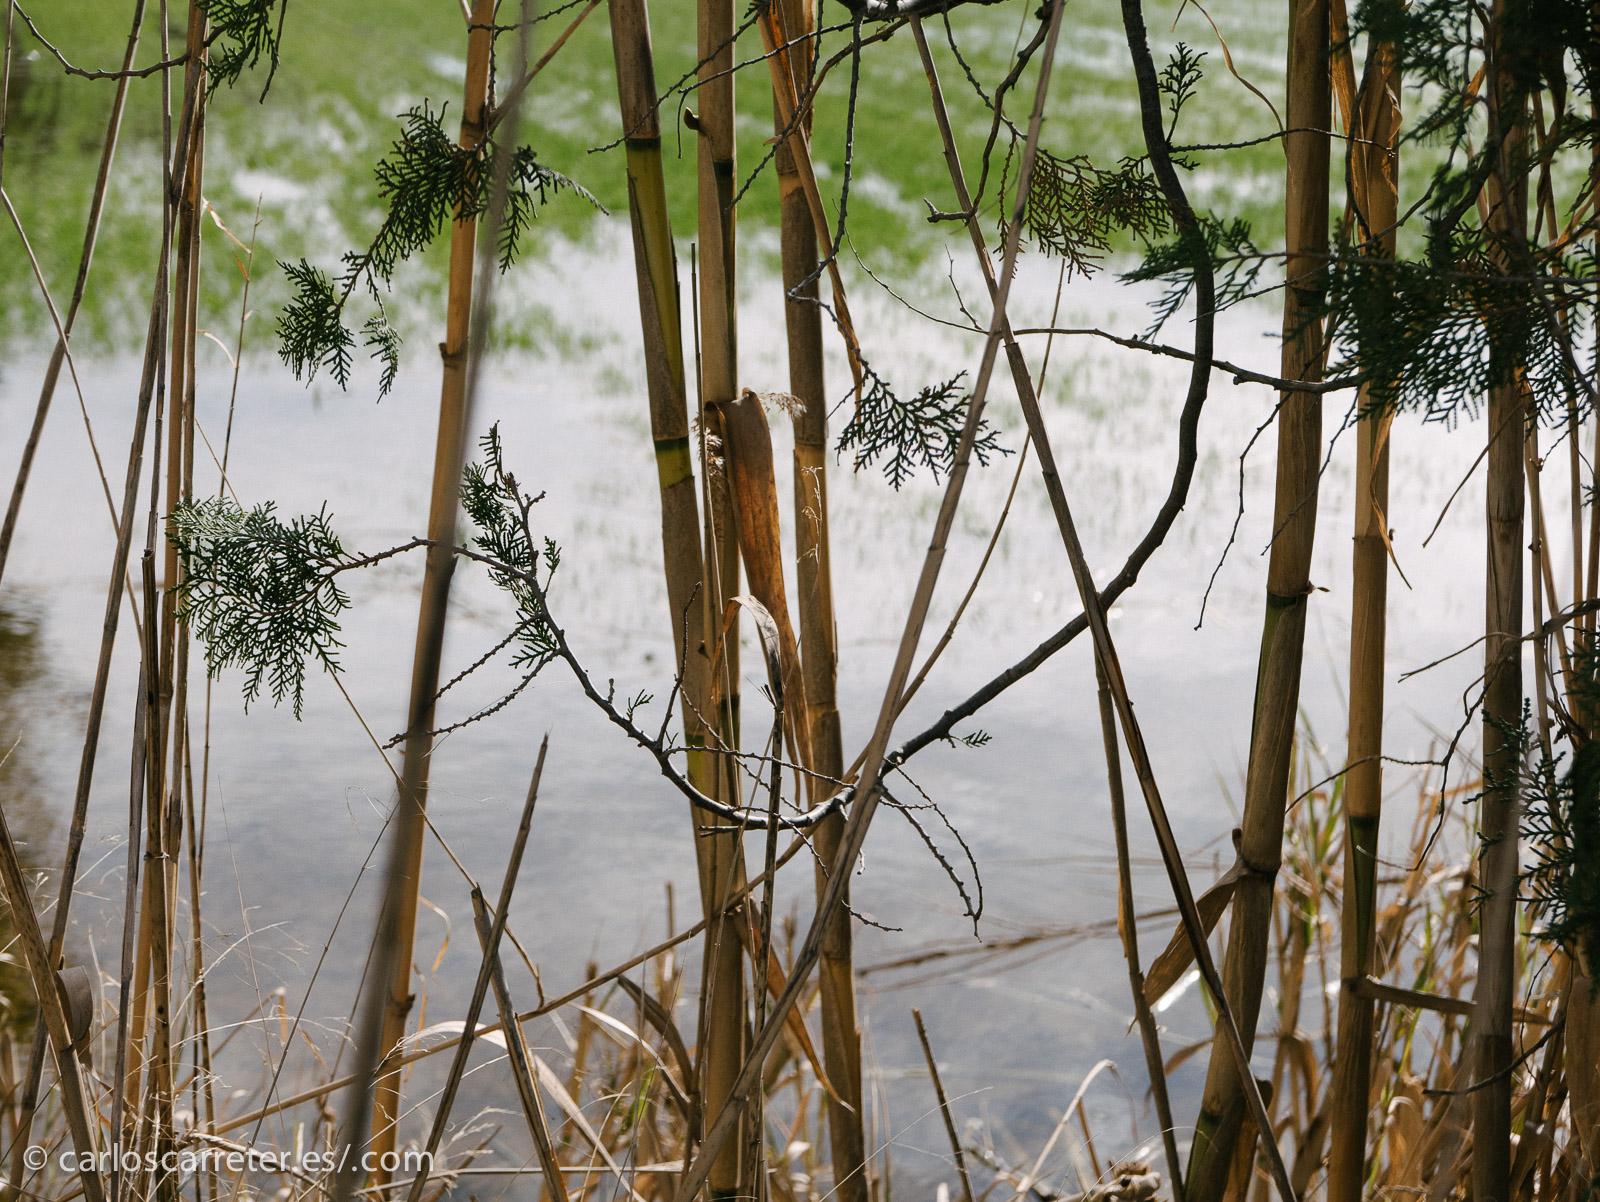 Después nos hemos dirigido a los galachos. A poco de salir del jardín, hemos empezado a encontrar algunos campos parcialmente inundados.